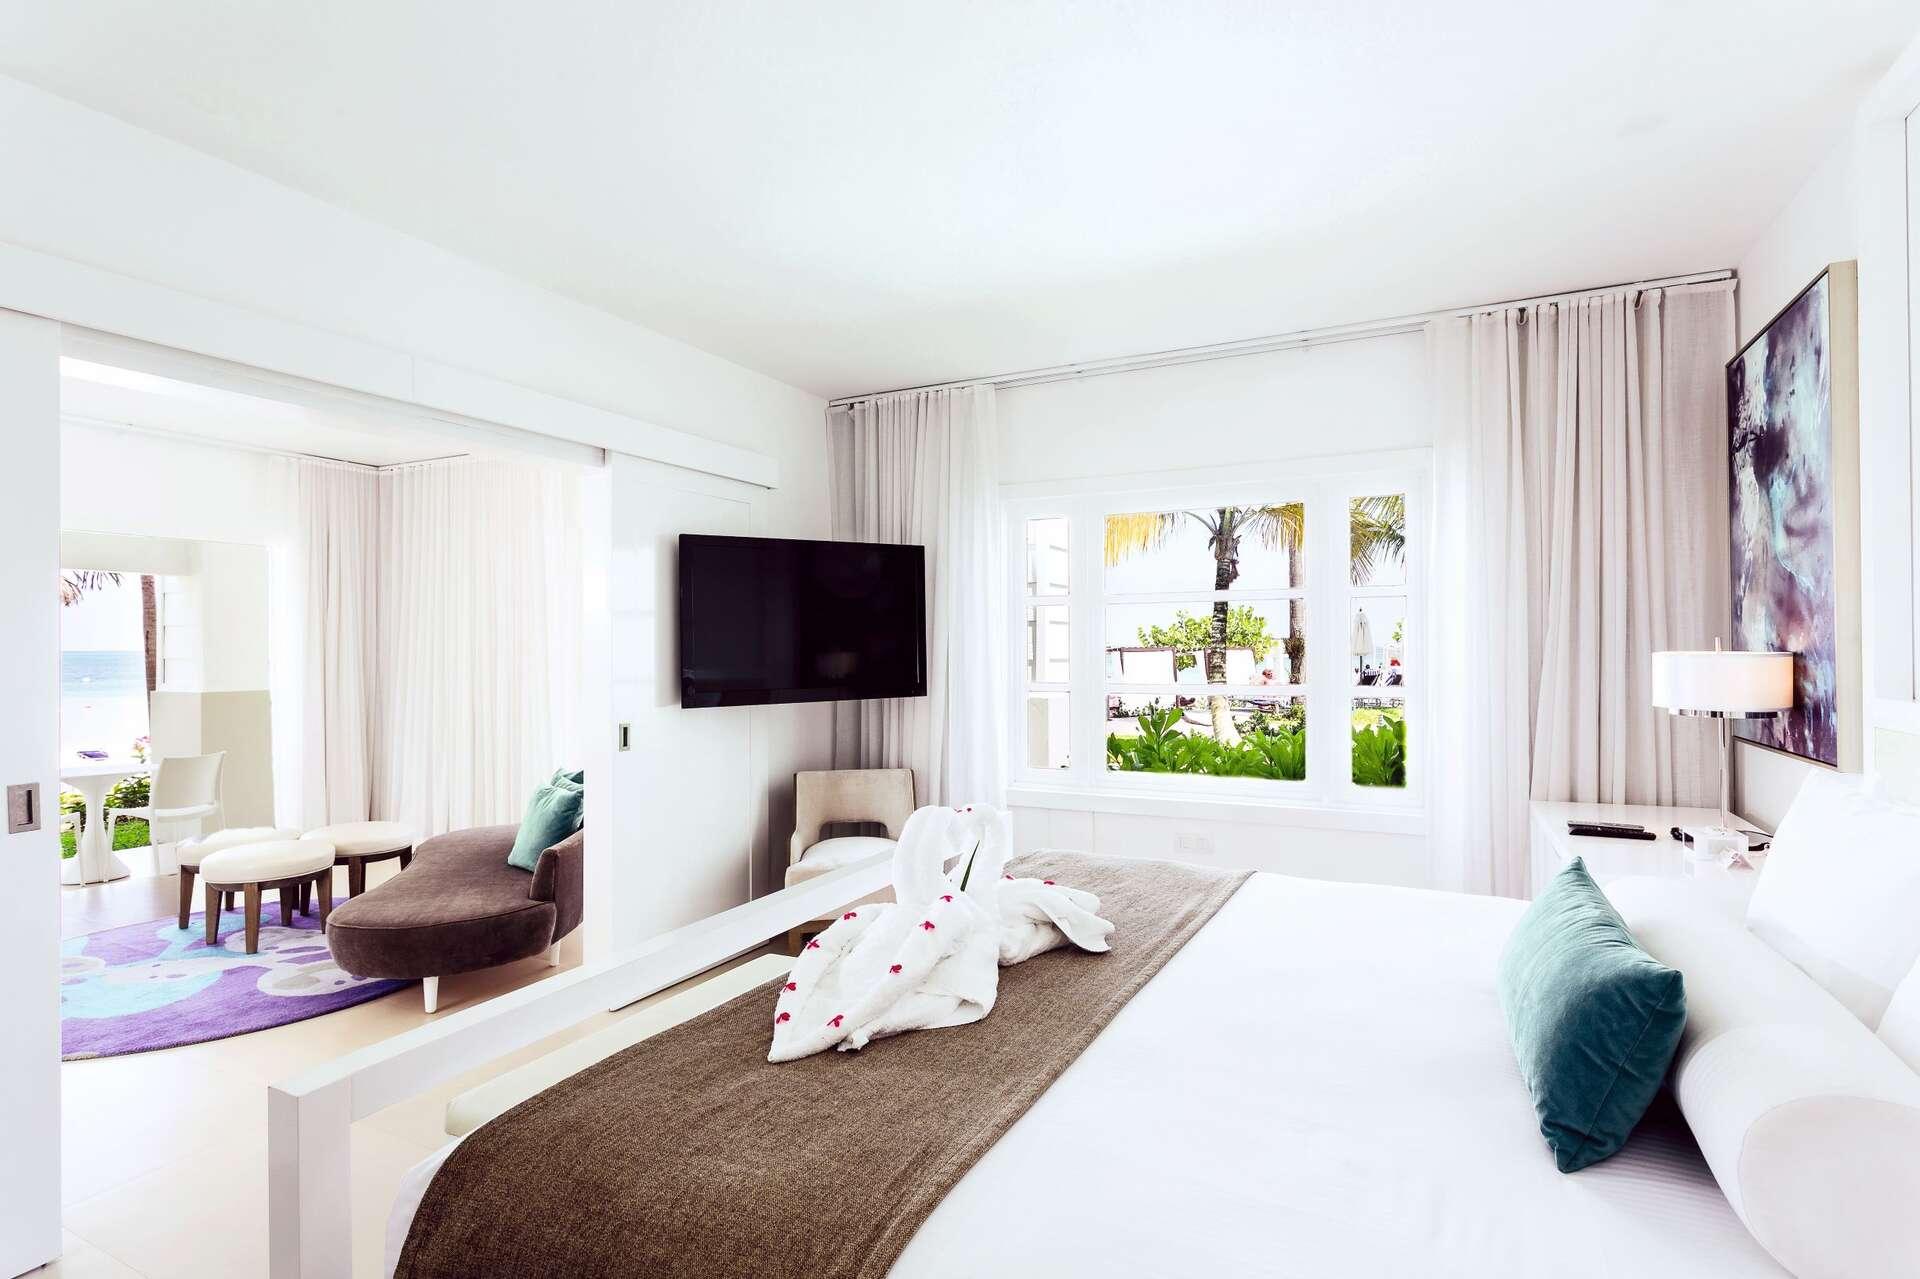 - Beachfront Honeymoon Swim Up Suite - Image 1/11